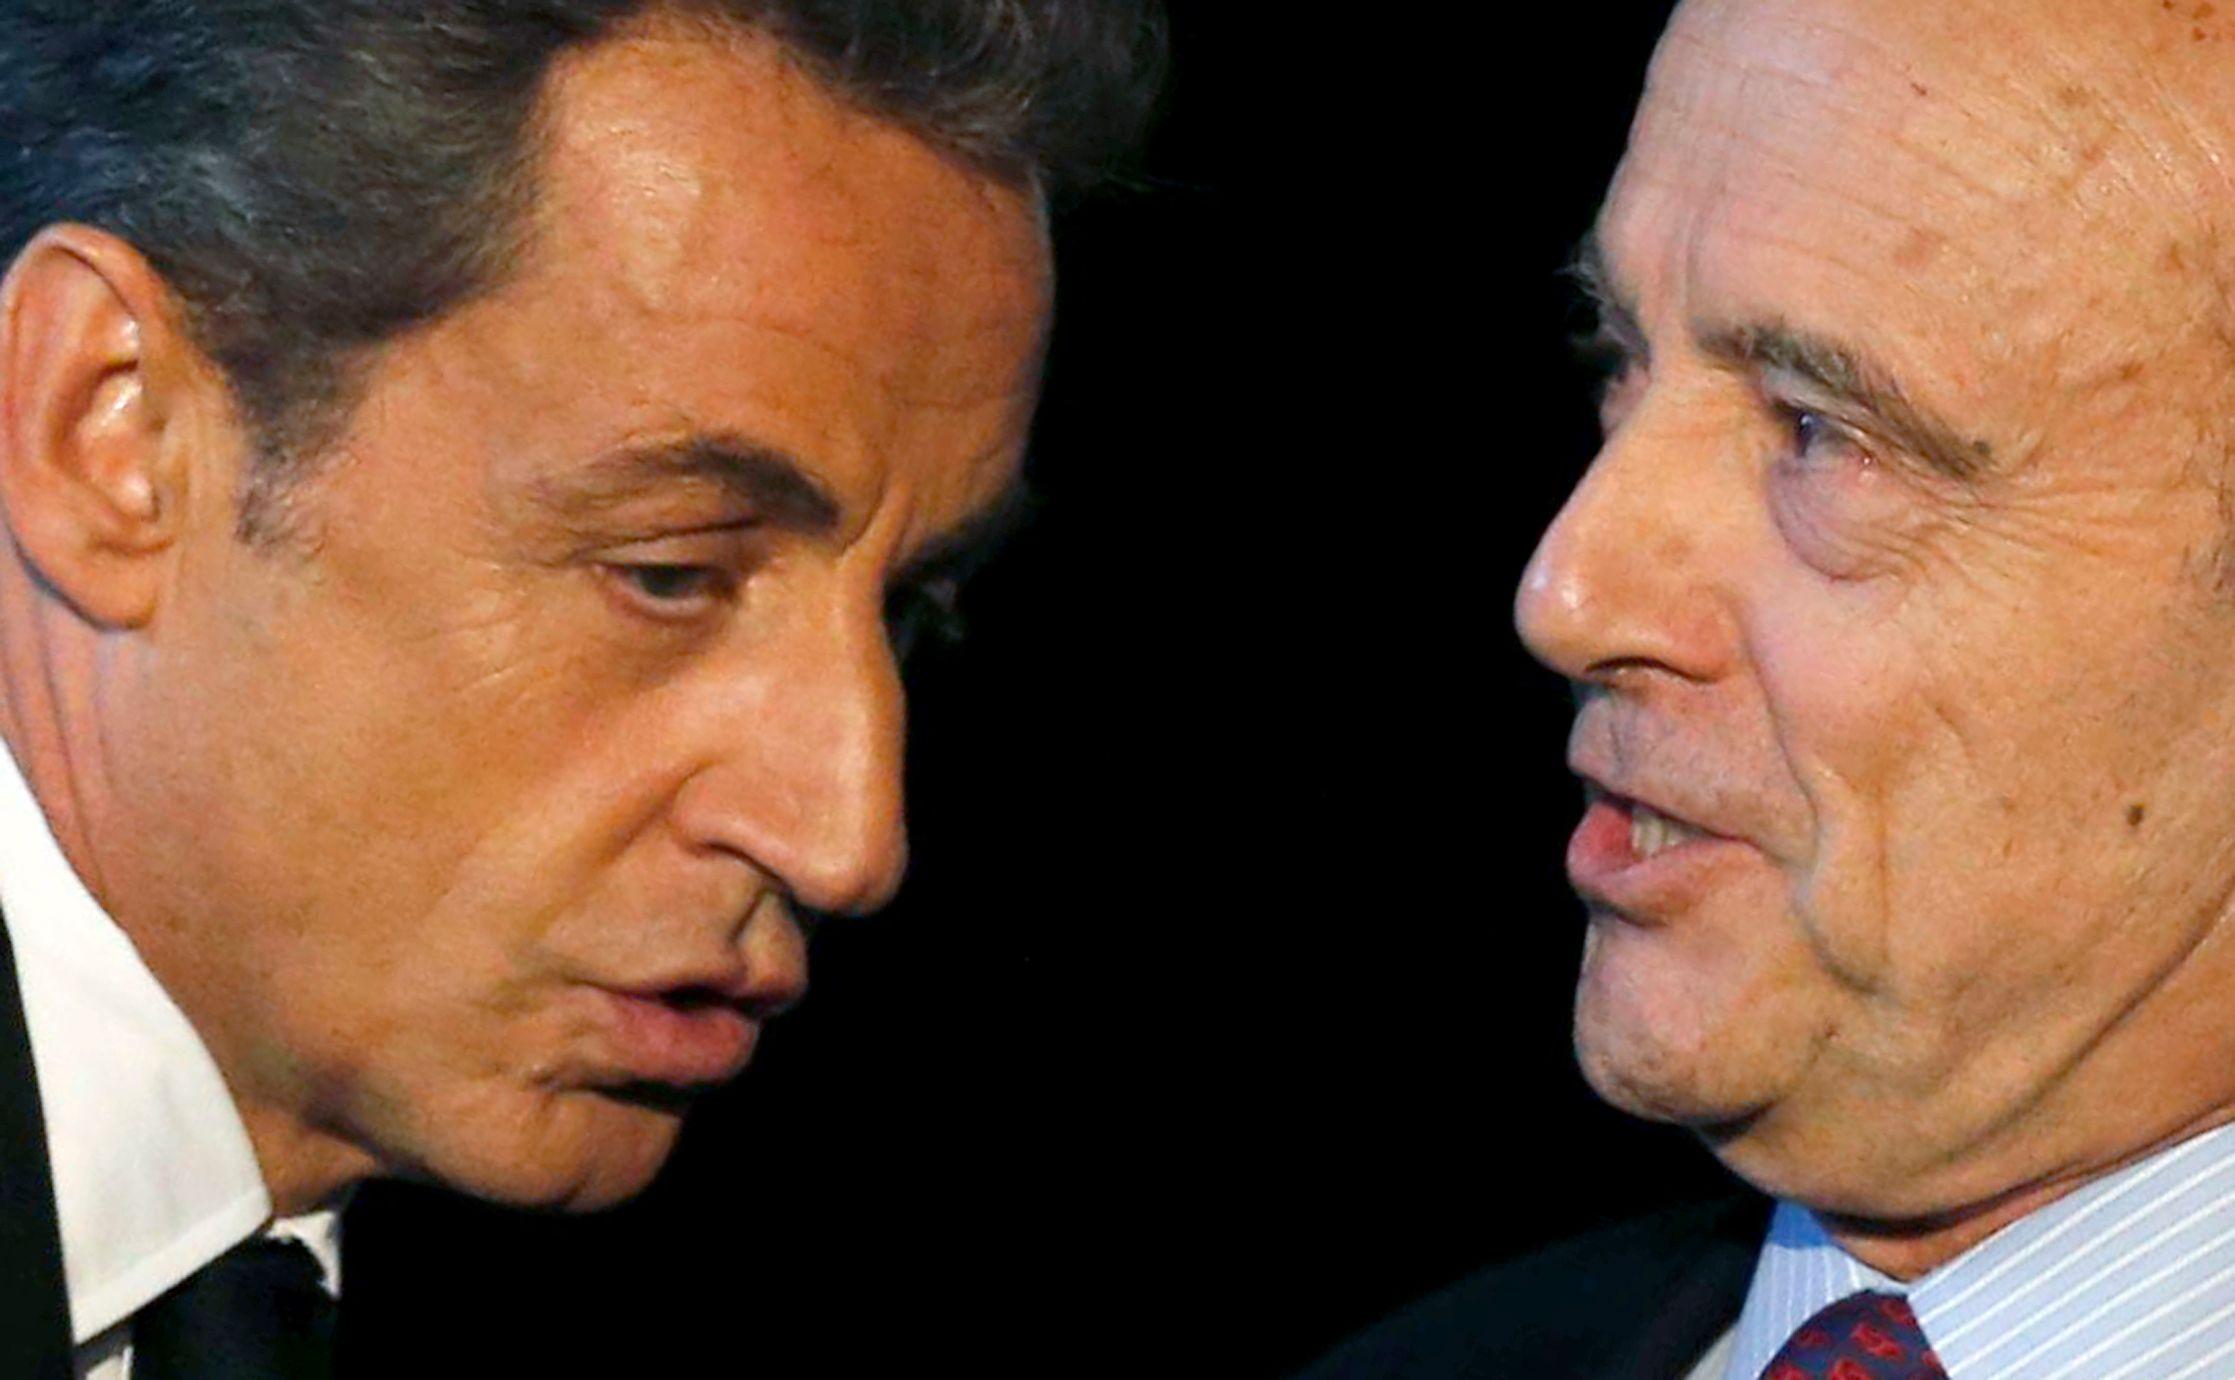 """Quand Alain Juppé tacle Nicolas Sarkozy sur Twitter: """"N'écoutez pas les prophètes de malheur"""""""